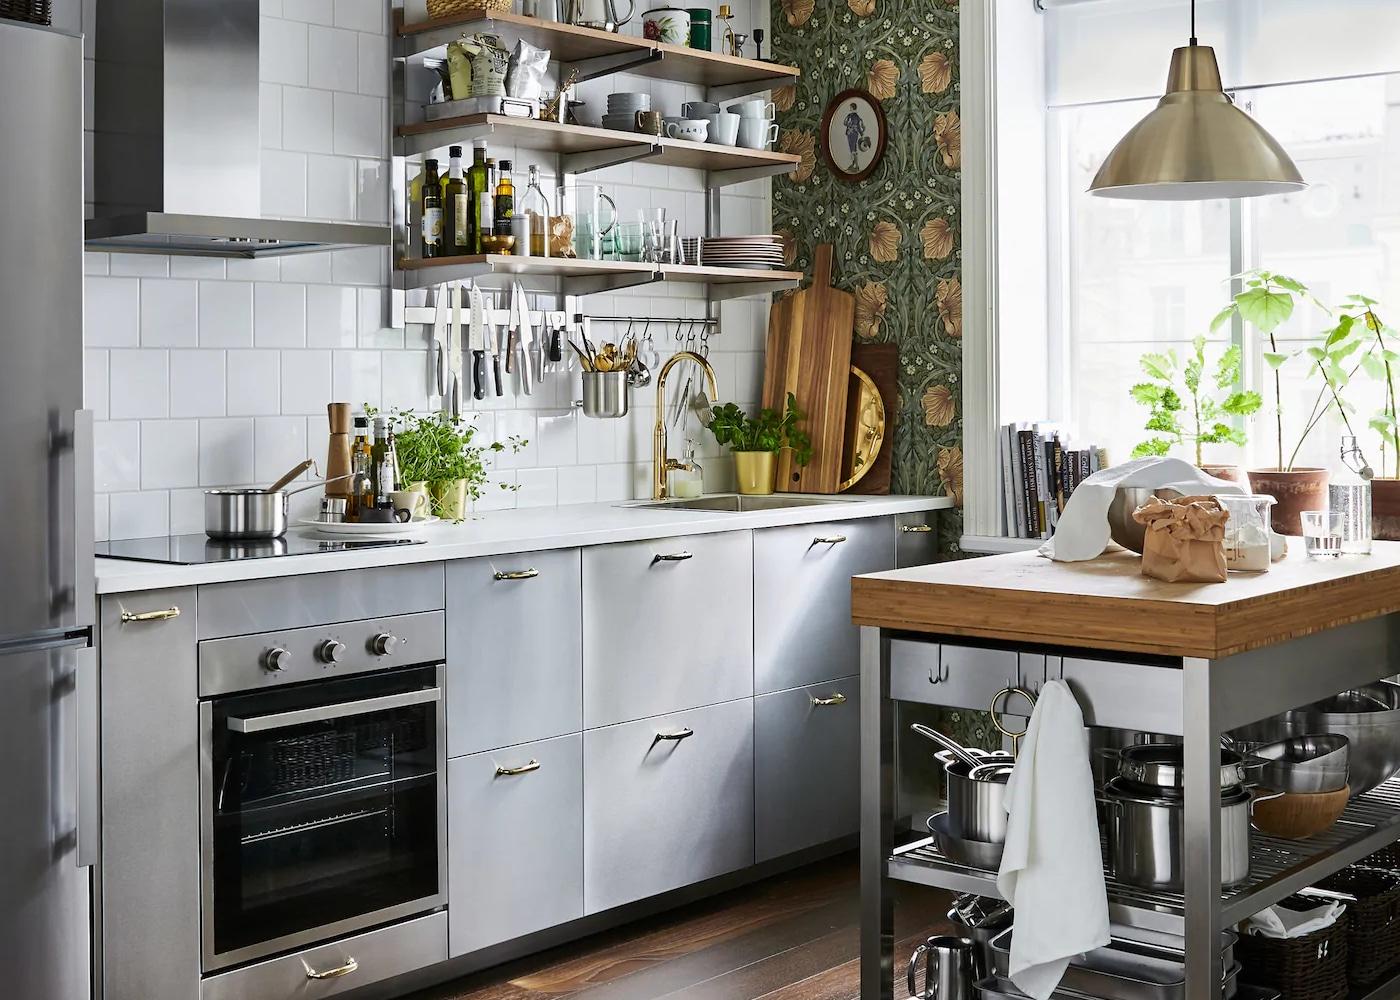 Full Size of Miniküche Ikea Eine Kche Modulküche Mit Kühlschrank Sofa Schlaffunktion Küche Kaufen Betten Bei 160x200 Kosten Stengel Wohnzimmer Miniküche Ikea